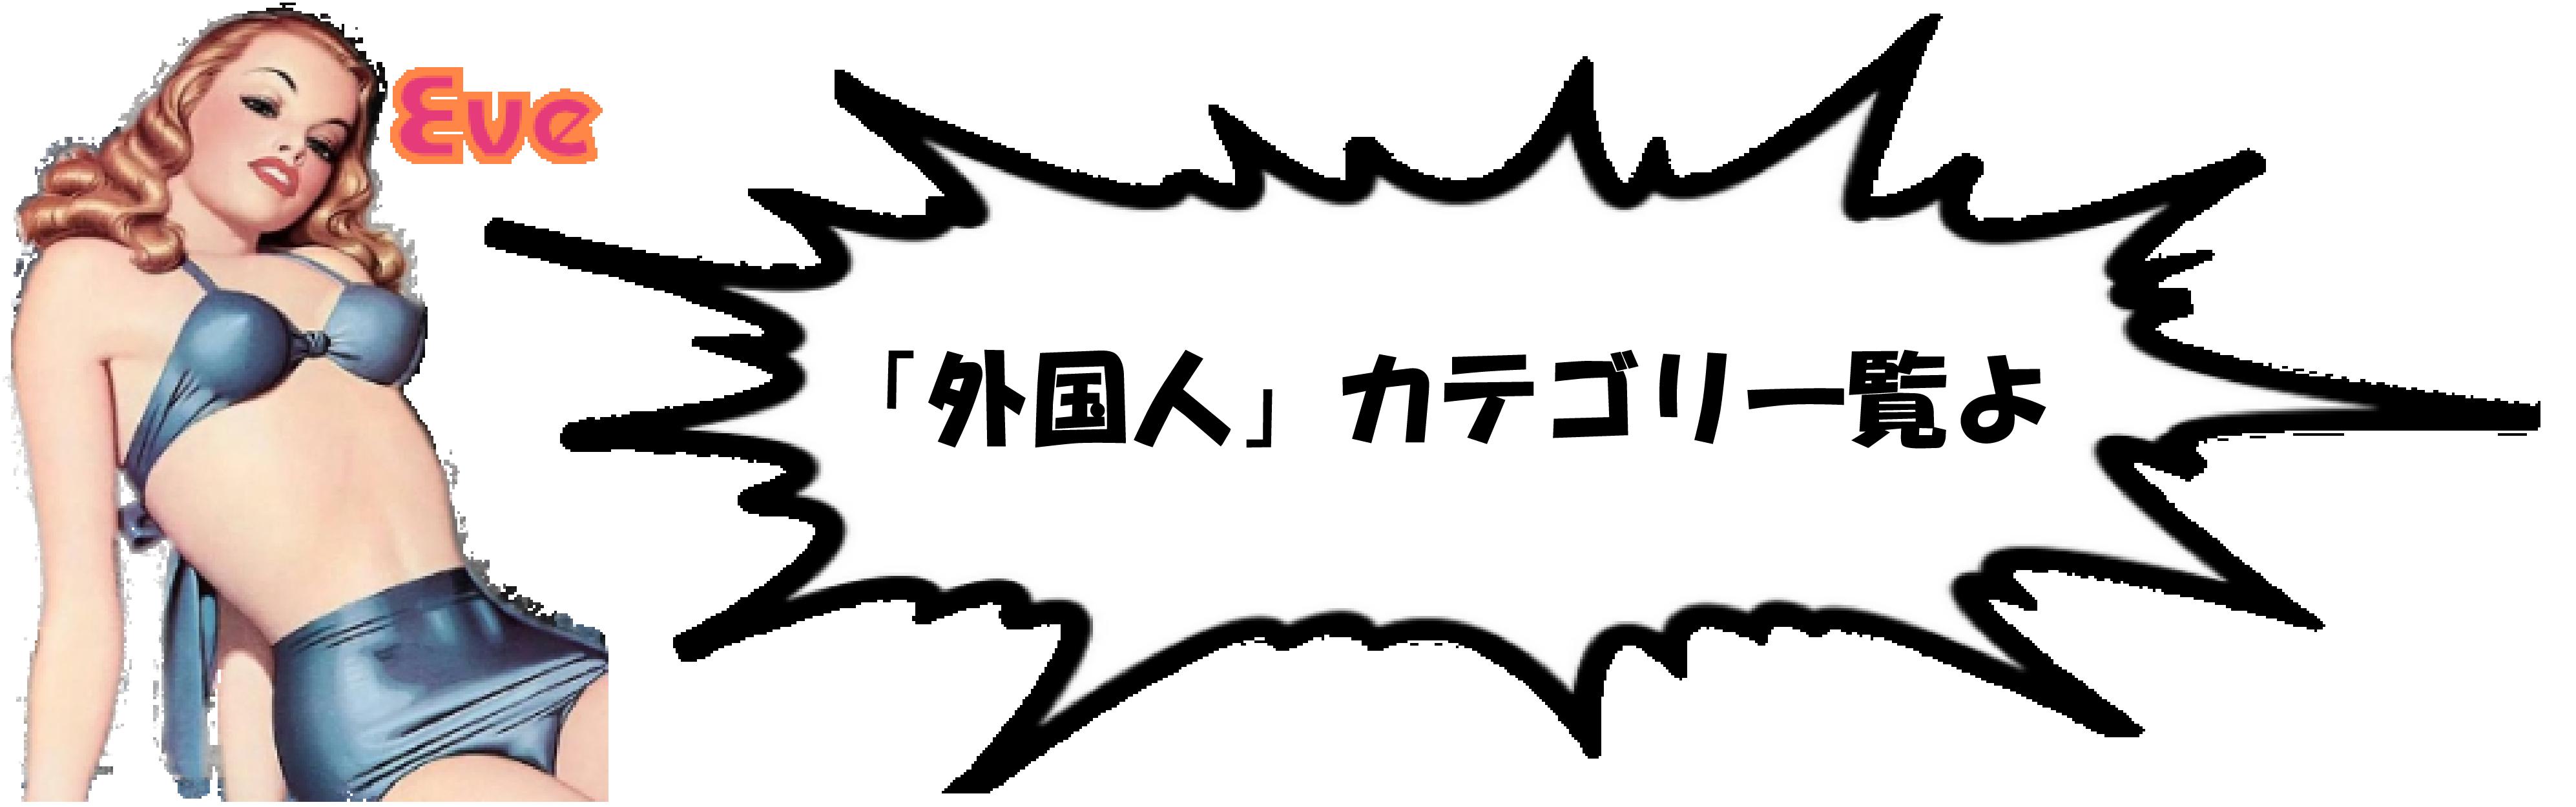 テンプレート(外国人カテゴリ一覧)-01